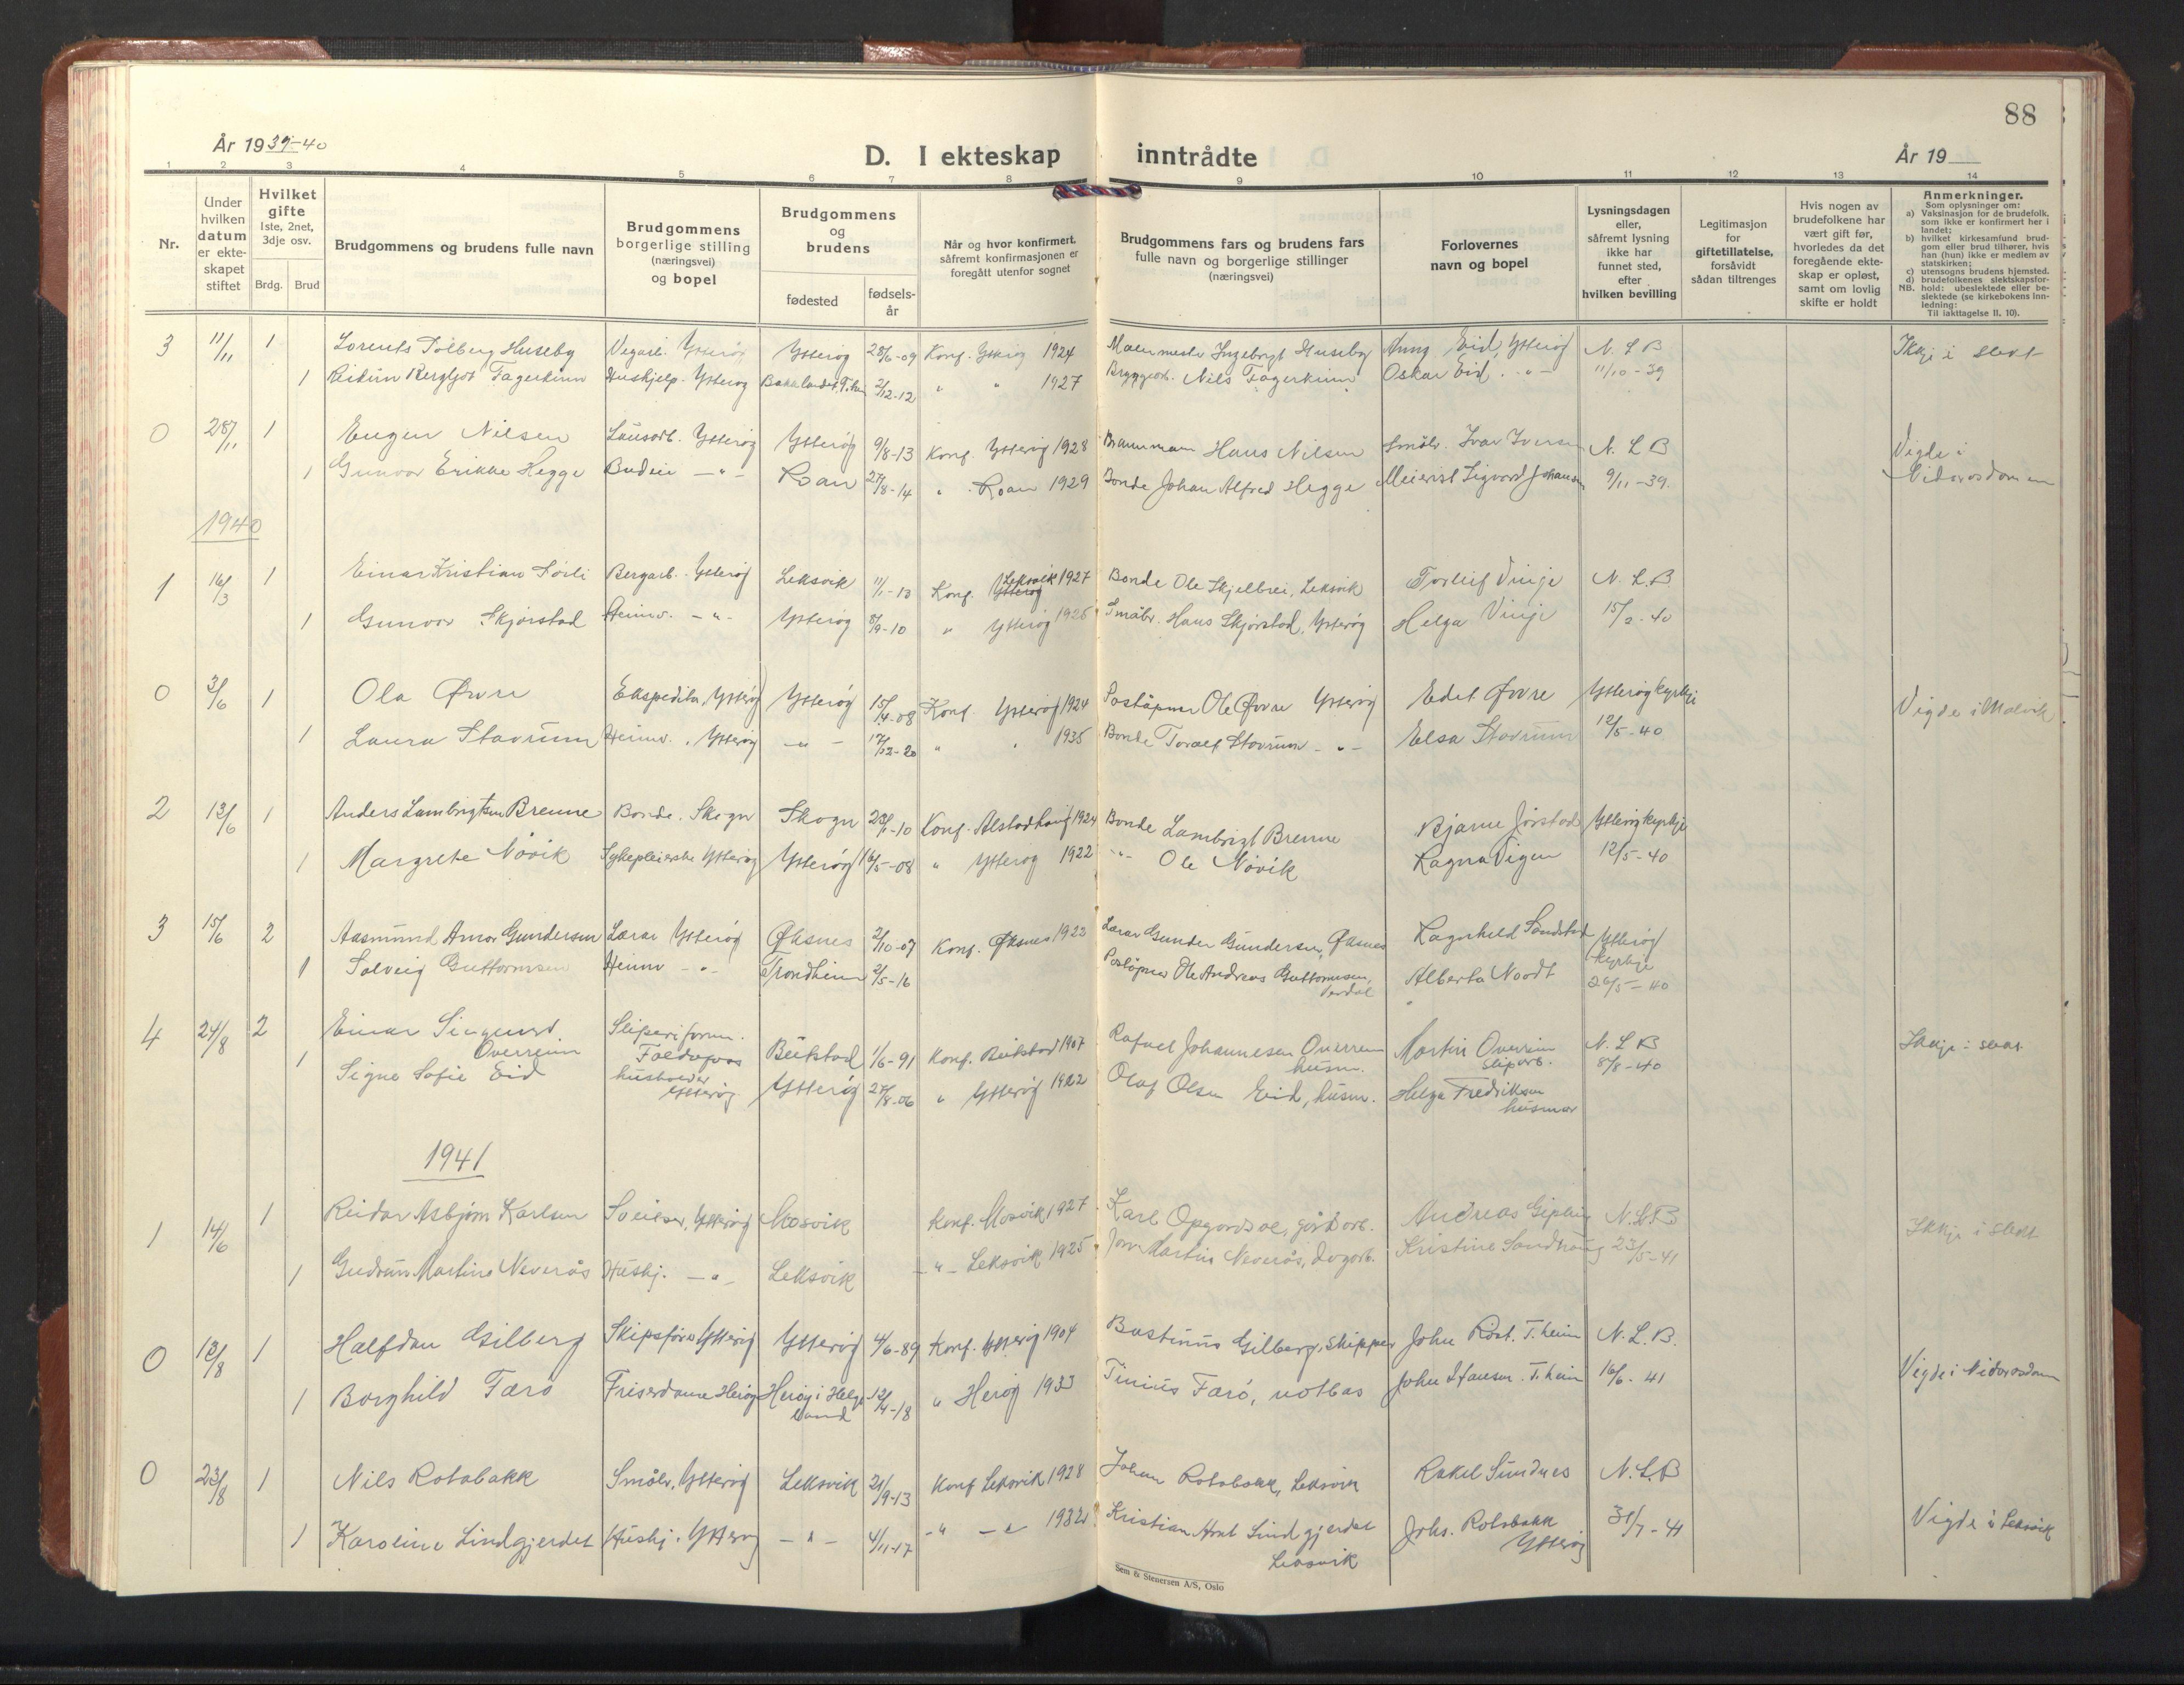 SAT, Ministerialprotokoller, klokkerbøker og fødselsregistre - Nord-Trøndelag, 722/L0227: Klokkerbok nr. 722C03, 1928-1958, s. 88